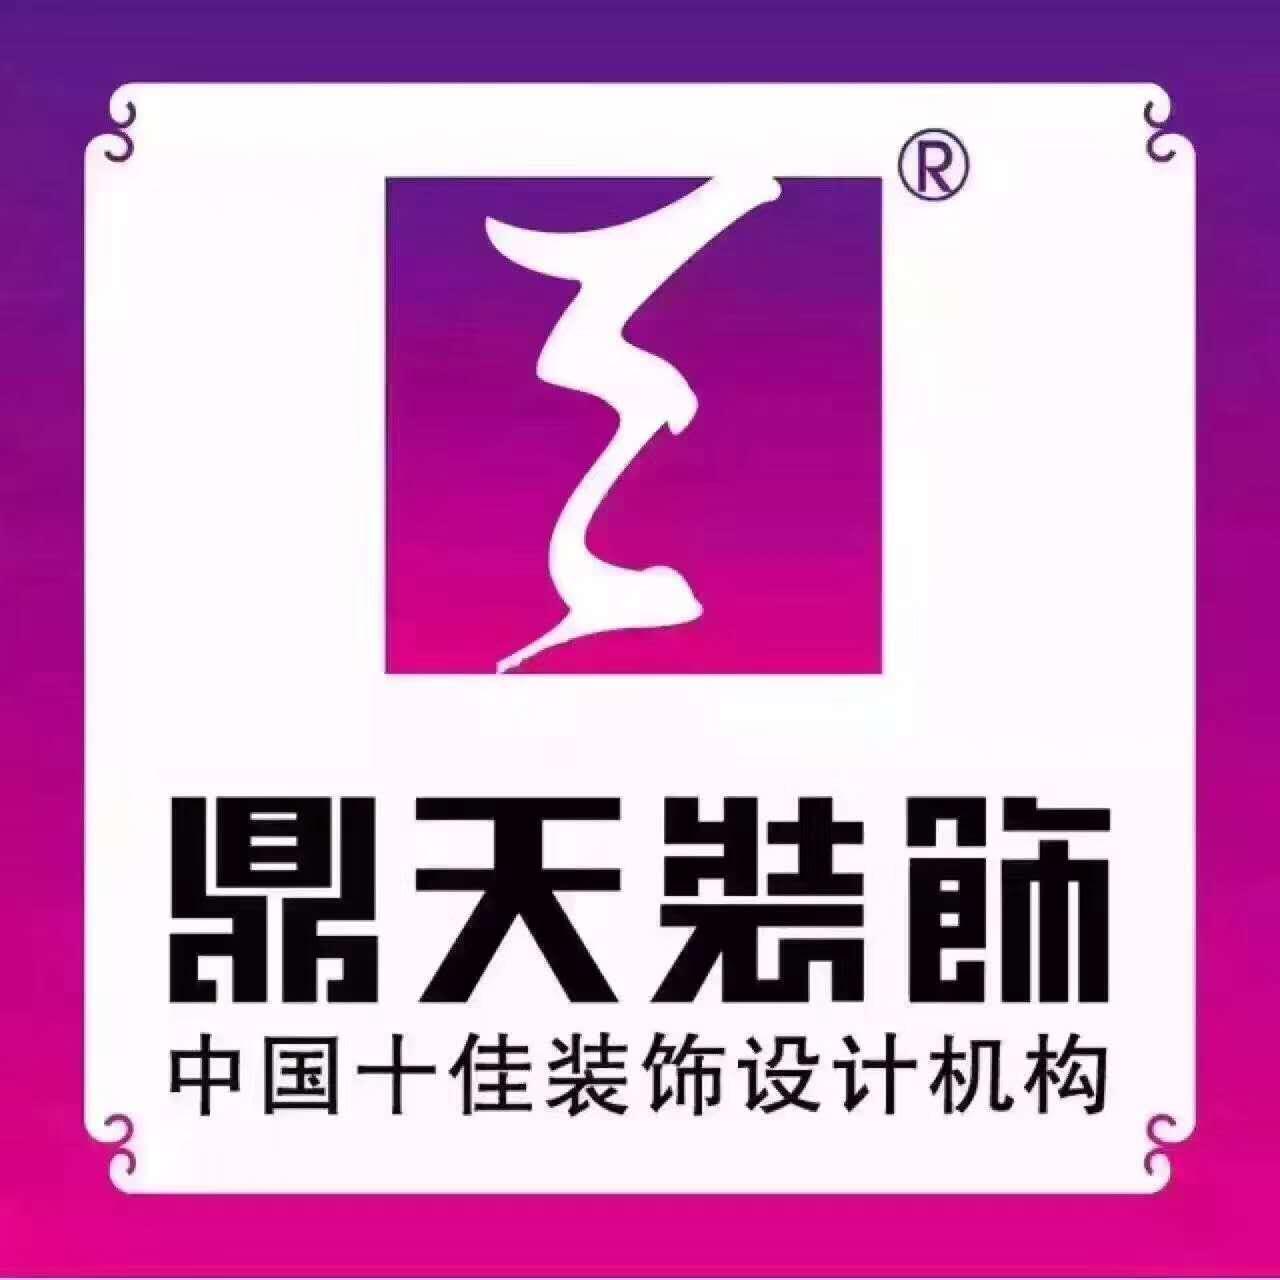 浙江鼎天装饰设计工程有限公司 - 宁波装修公司